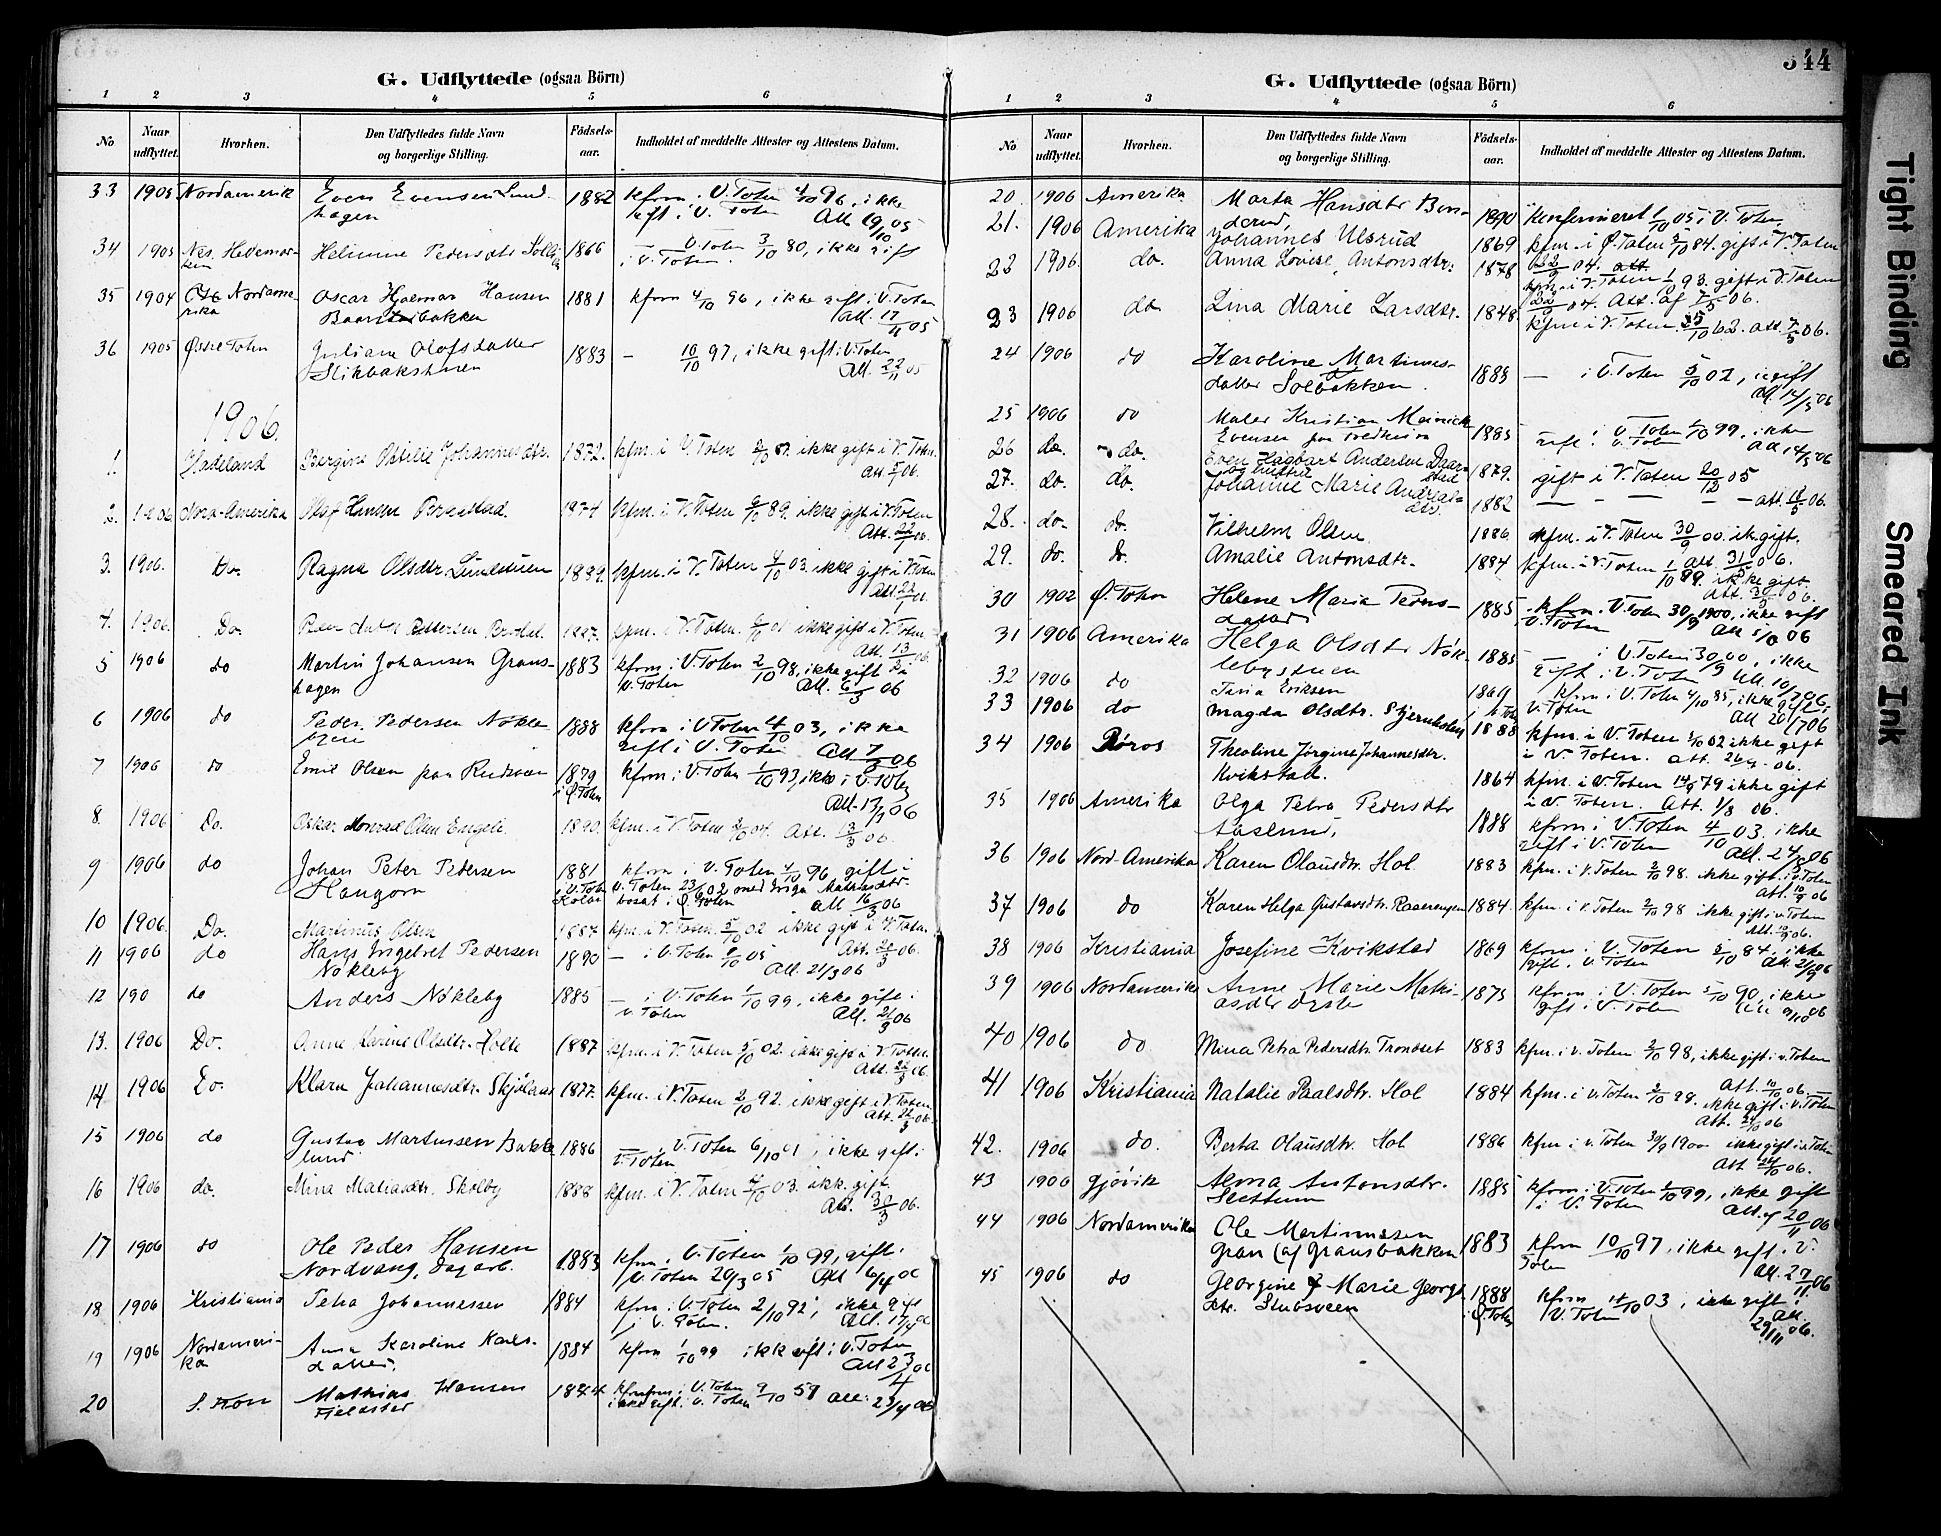 SAH, Vestre Toten prestekontor, Ministerialbok nr. 13, 1895-1911, s. 344